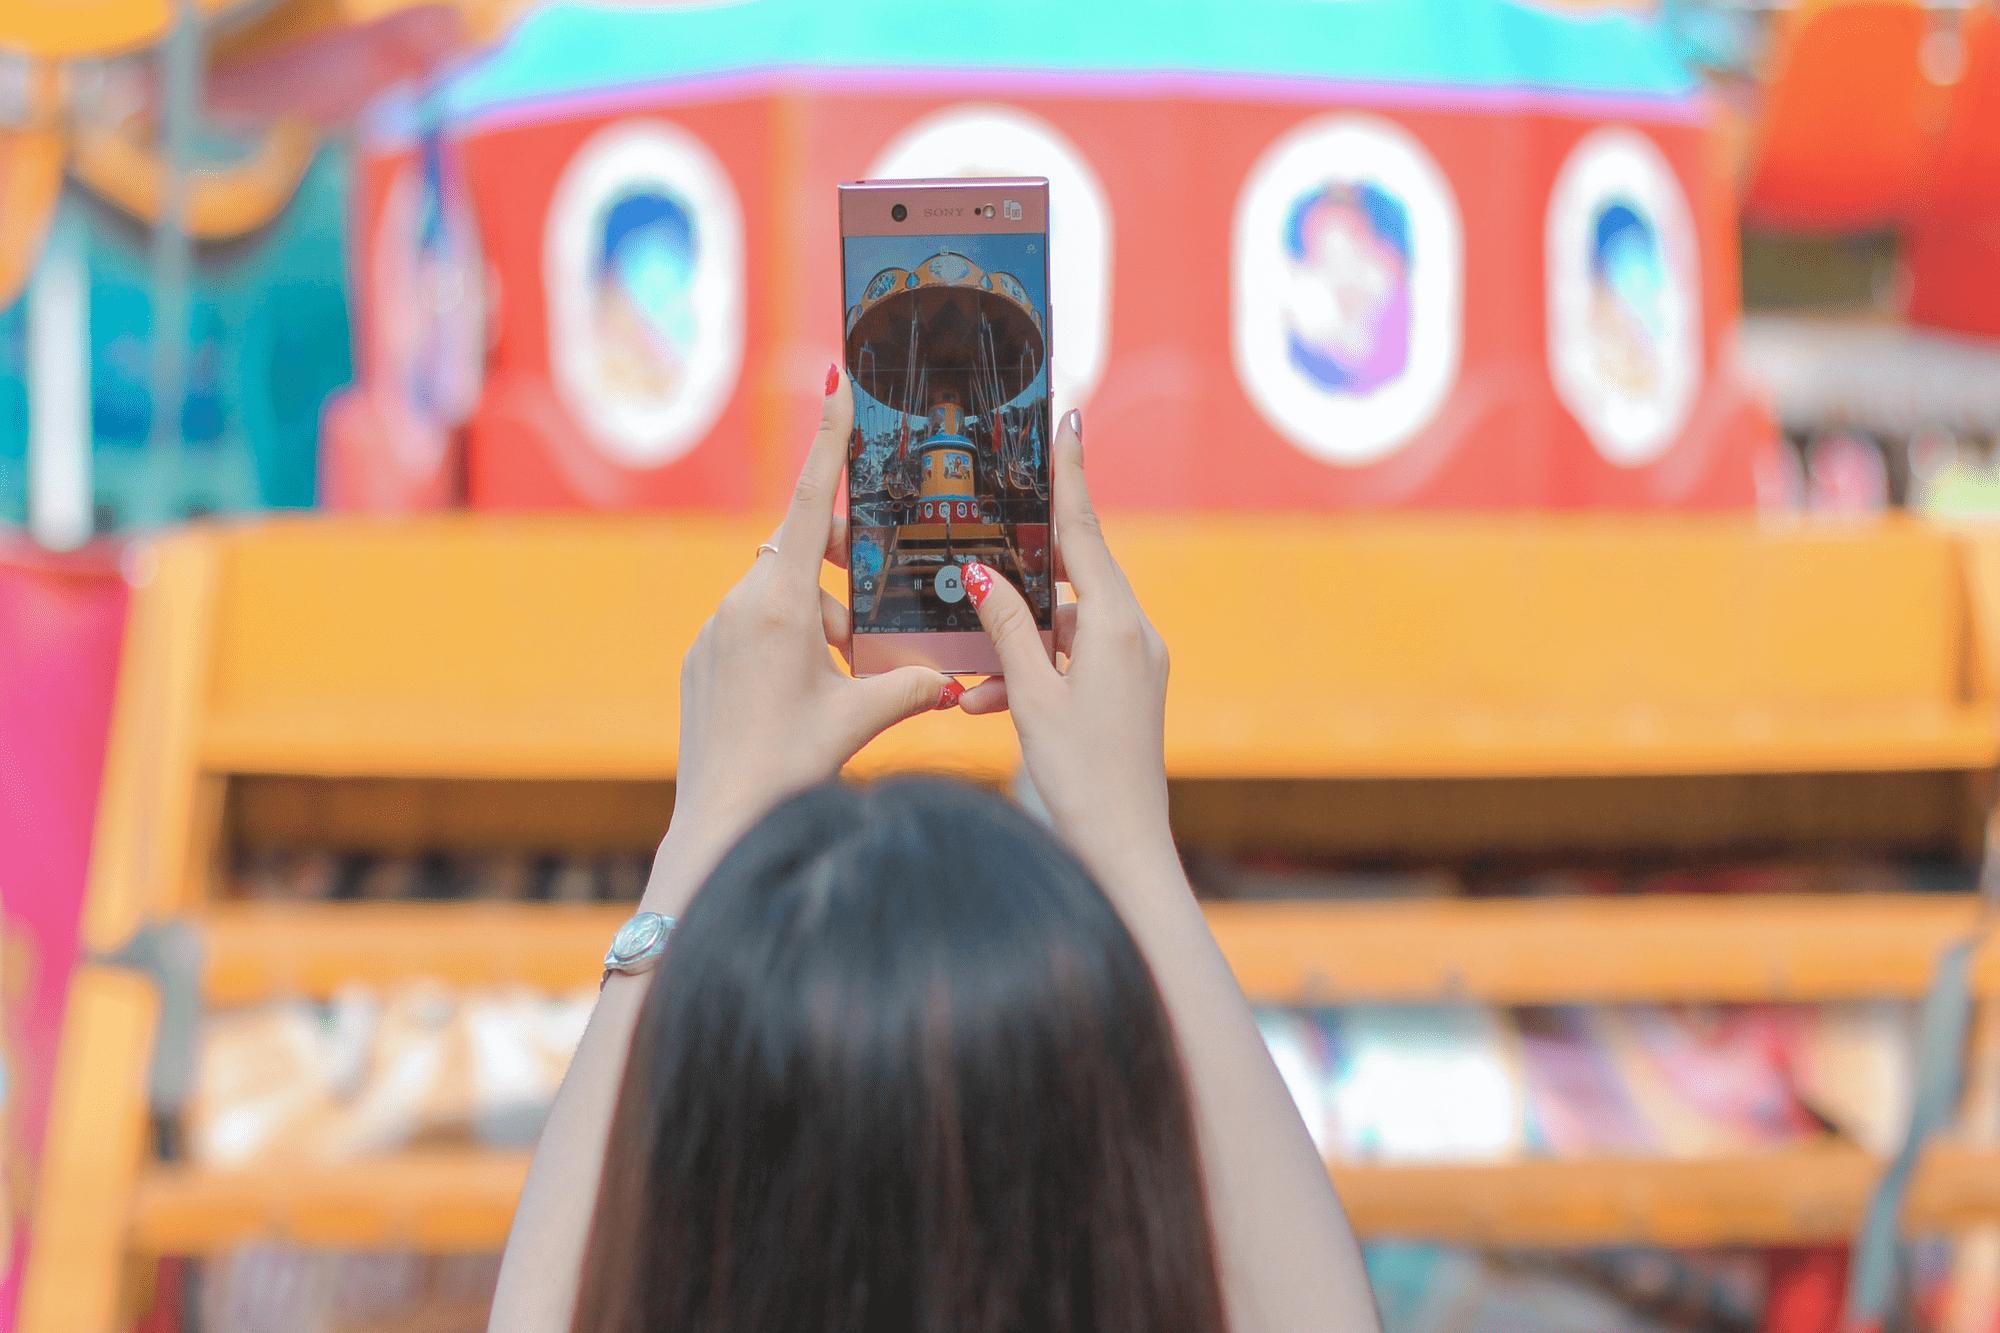 short-form video